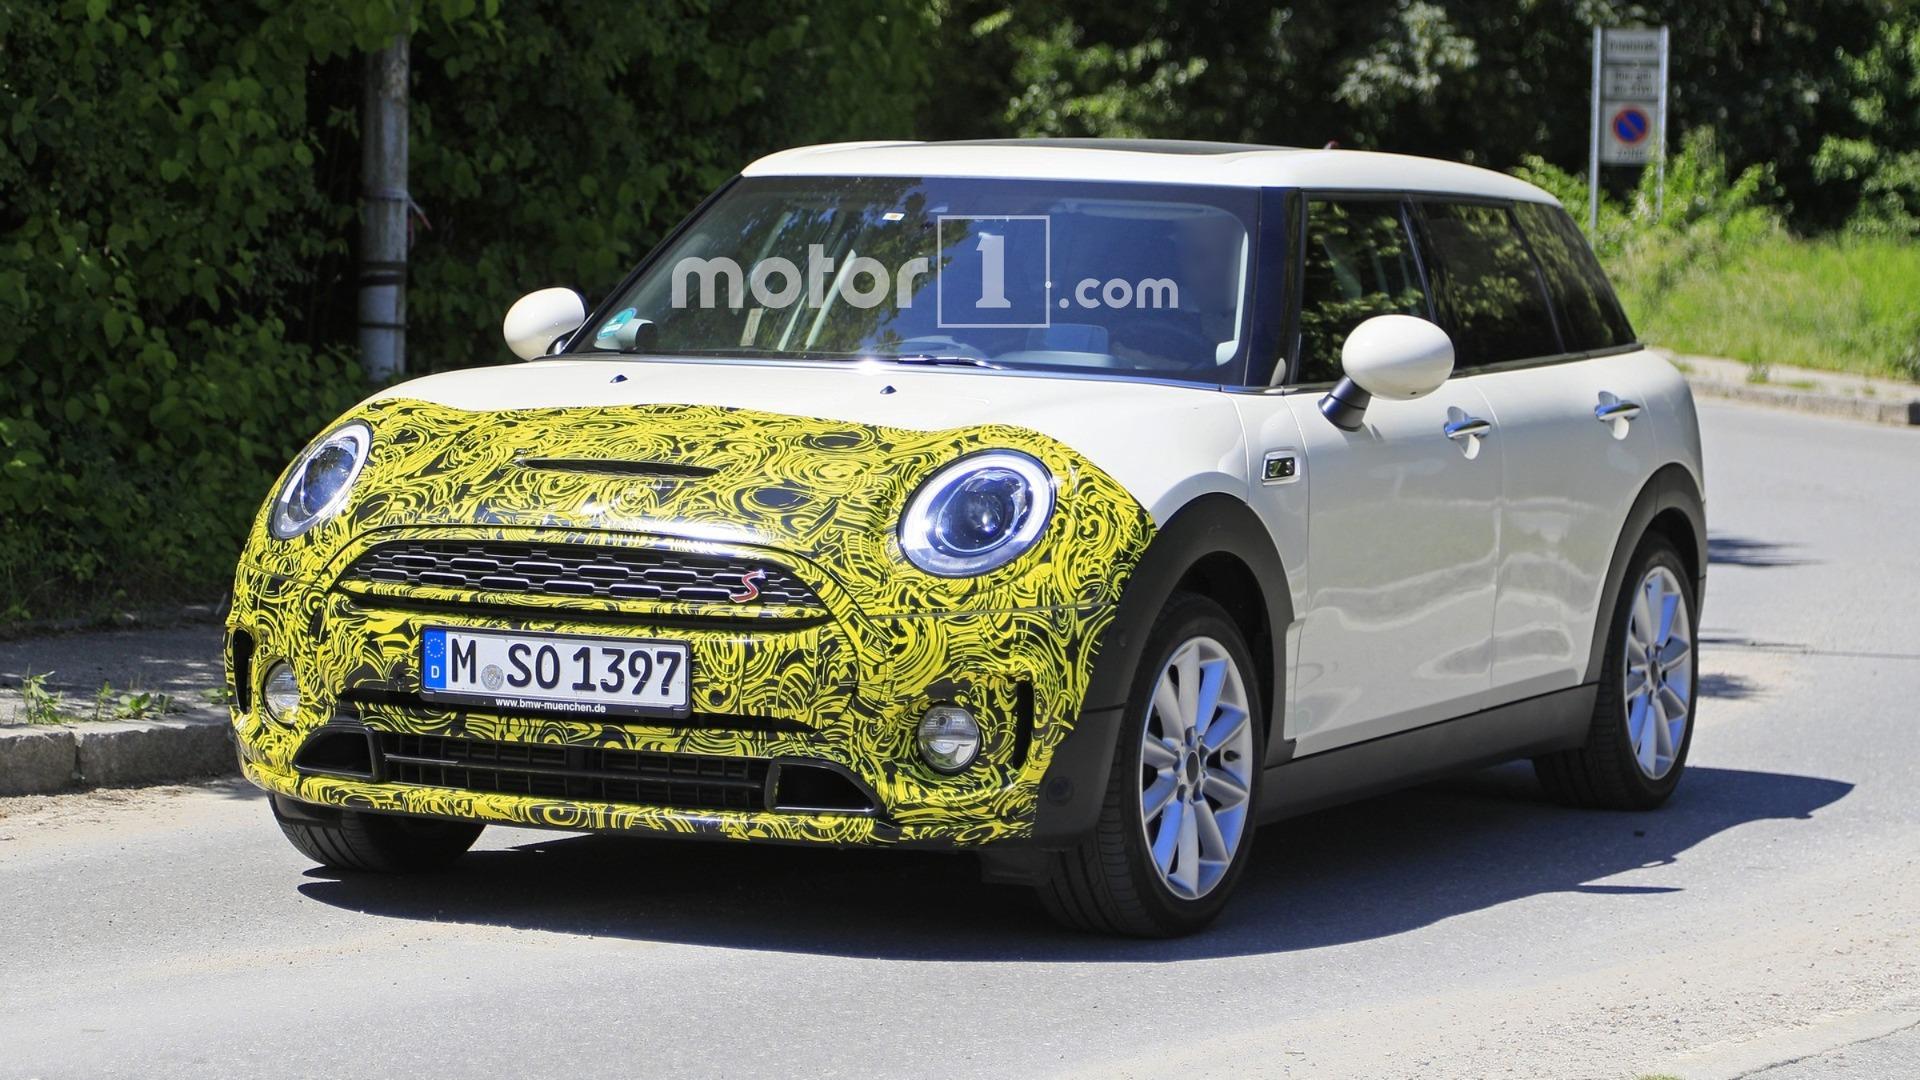 Mini Clubman Facelift Makes Spy Photo Debut